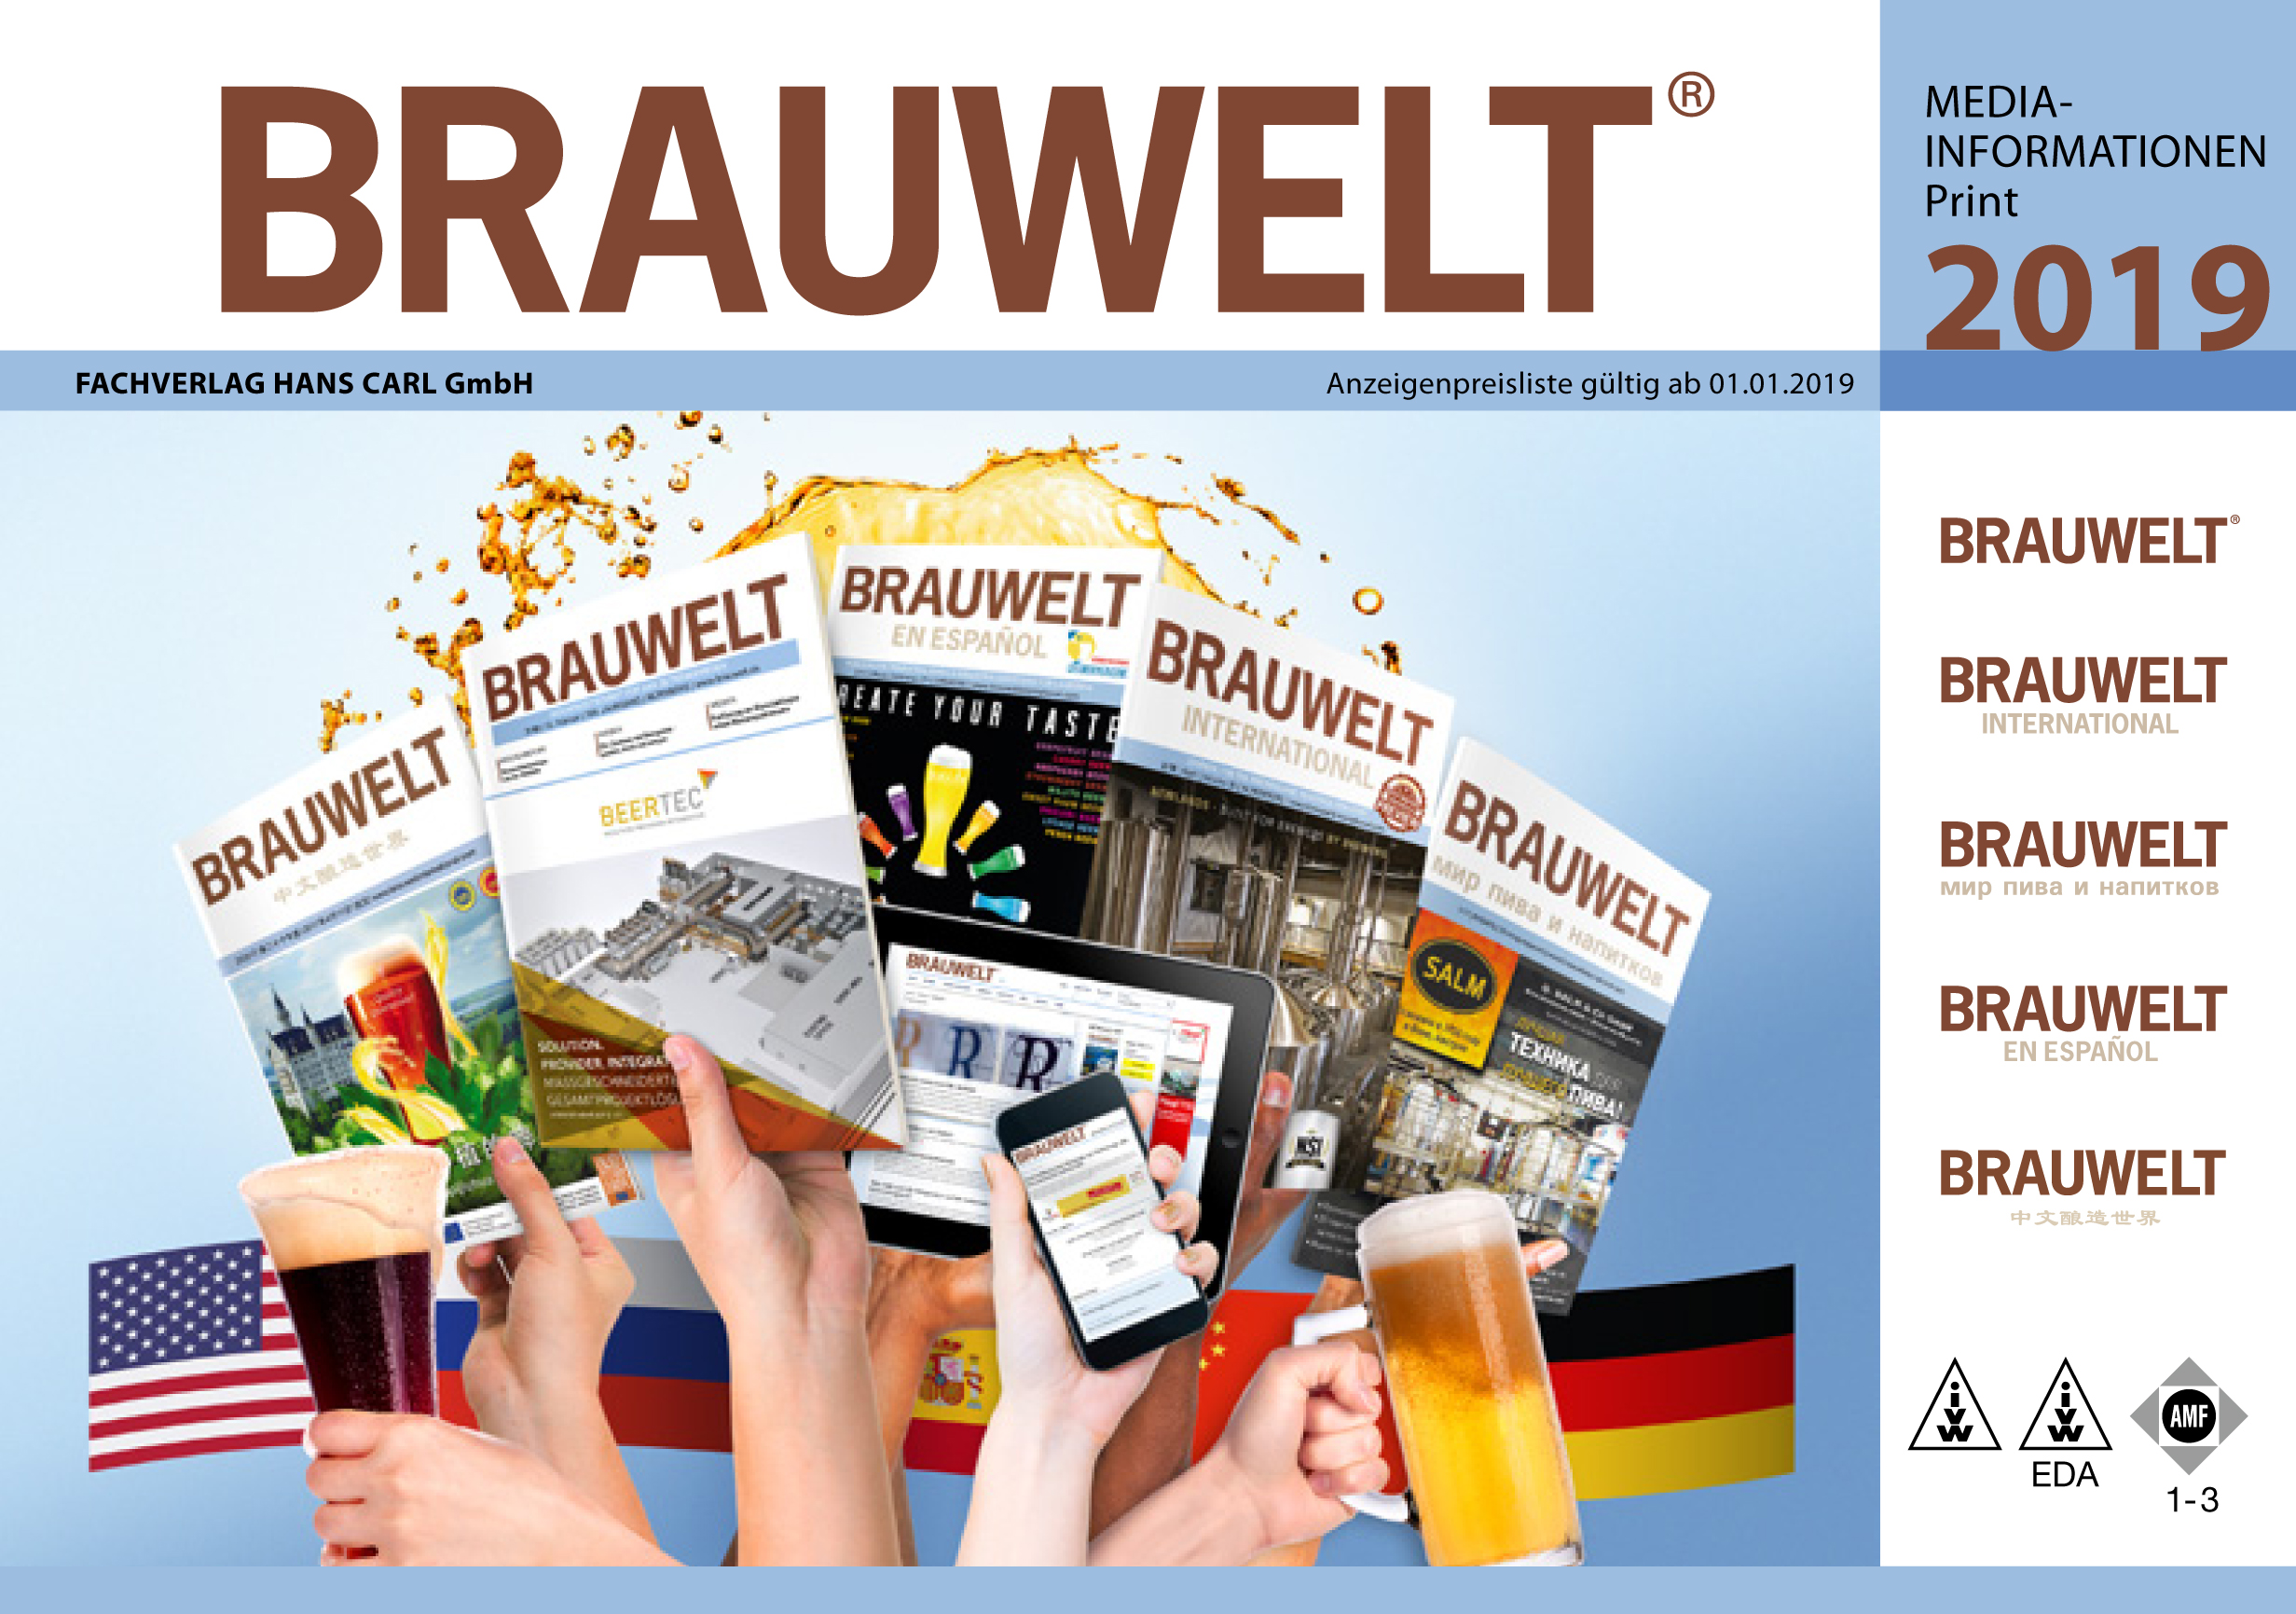 Mediadaten BRAUWELT